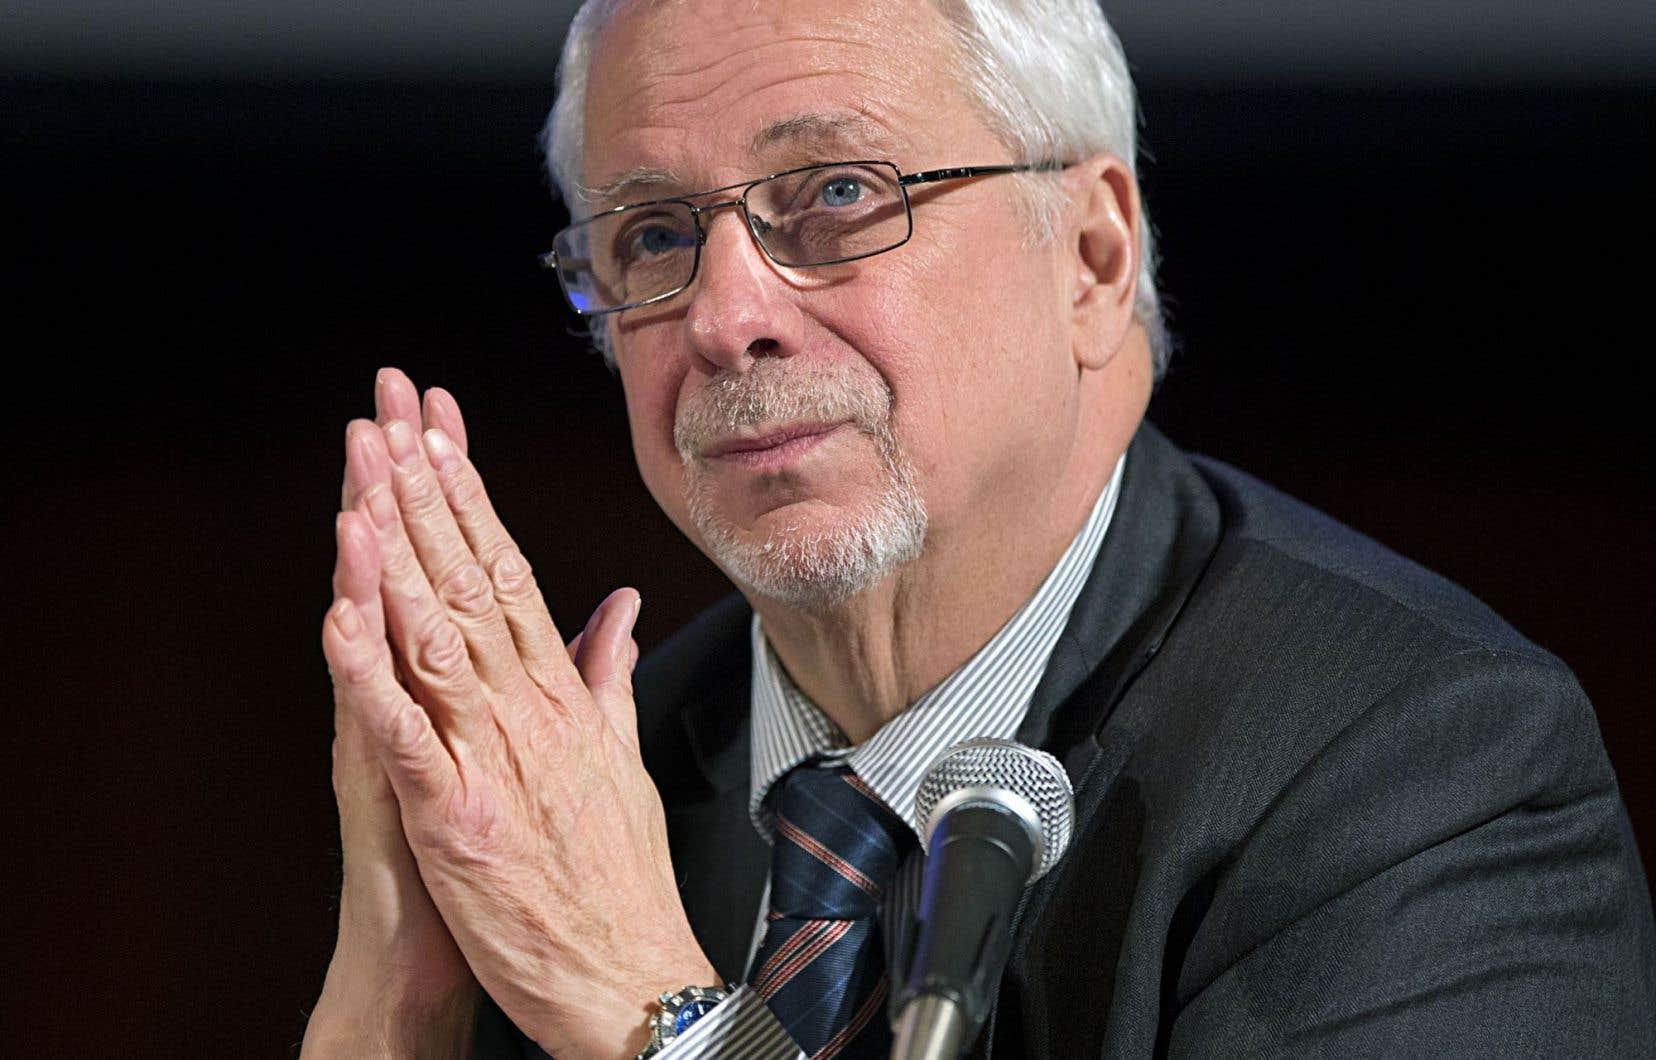 Pierre Marc Johnson estime que les choses doivent maintenant être menées rondement pour une entrée en vigueur de l'accord en 2017.